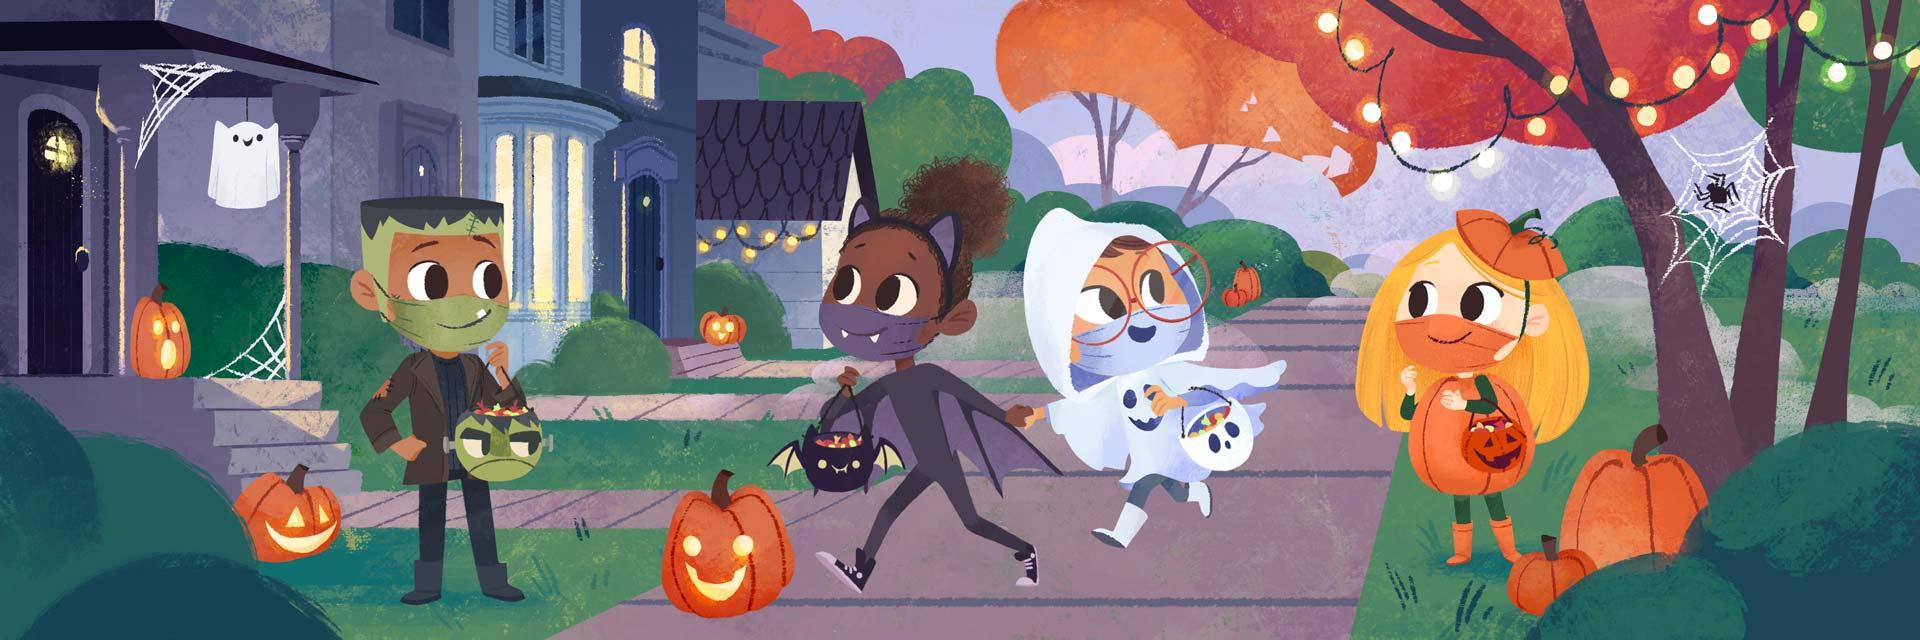 Wonder Bunch Halloween with Masks